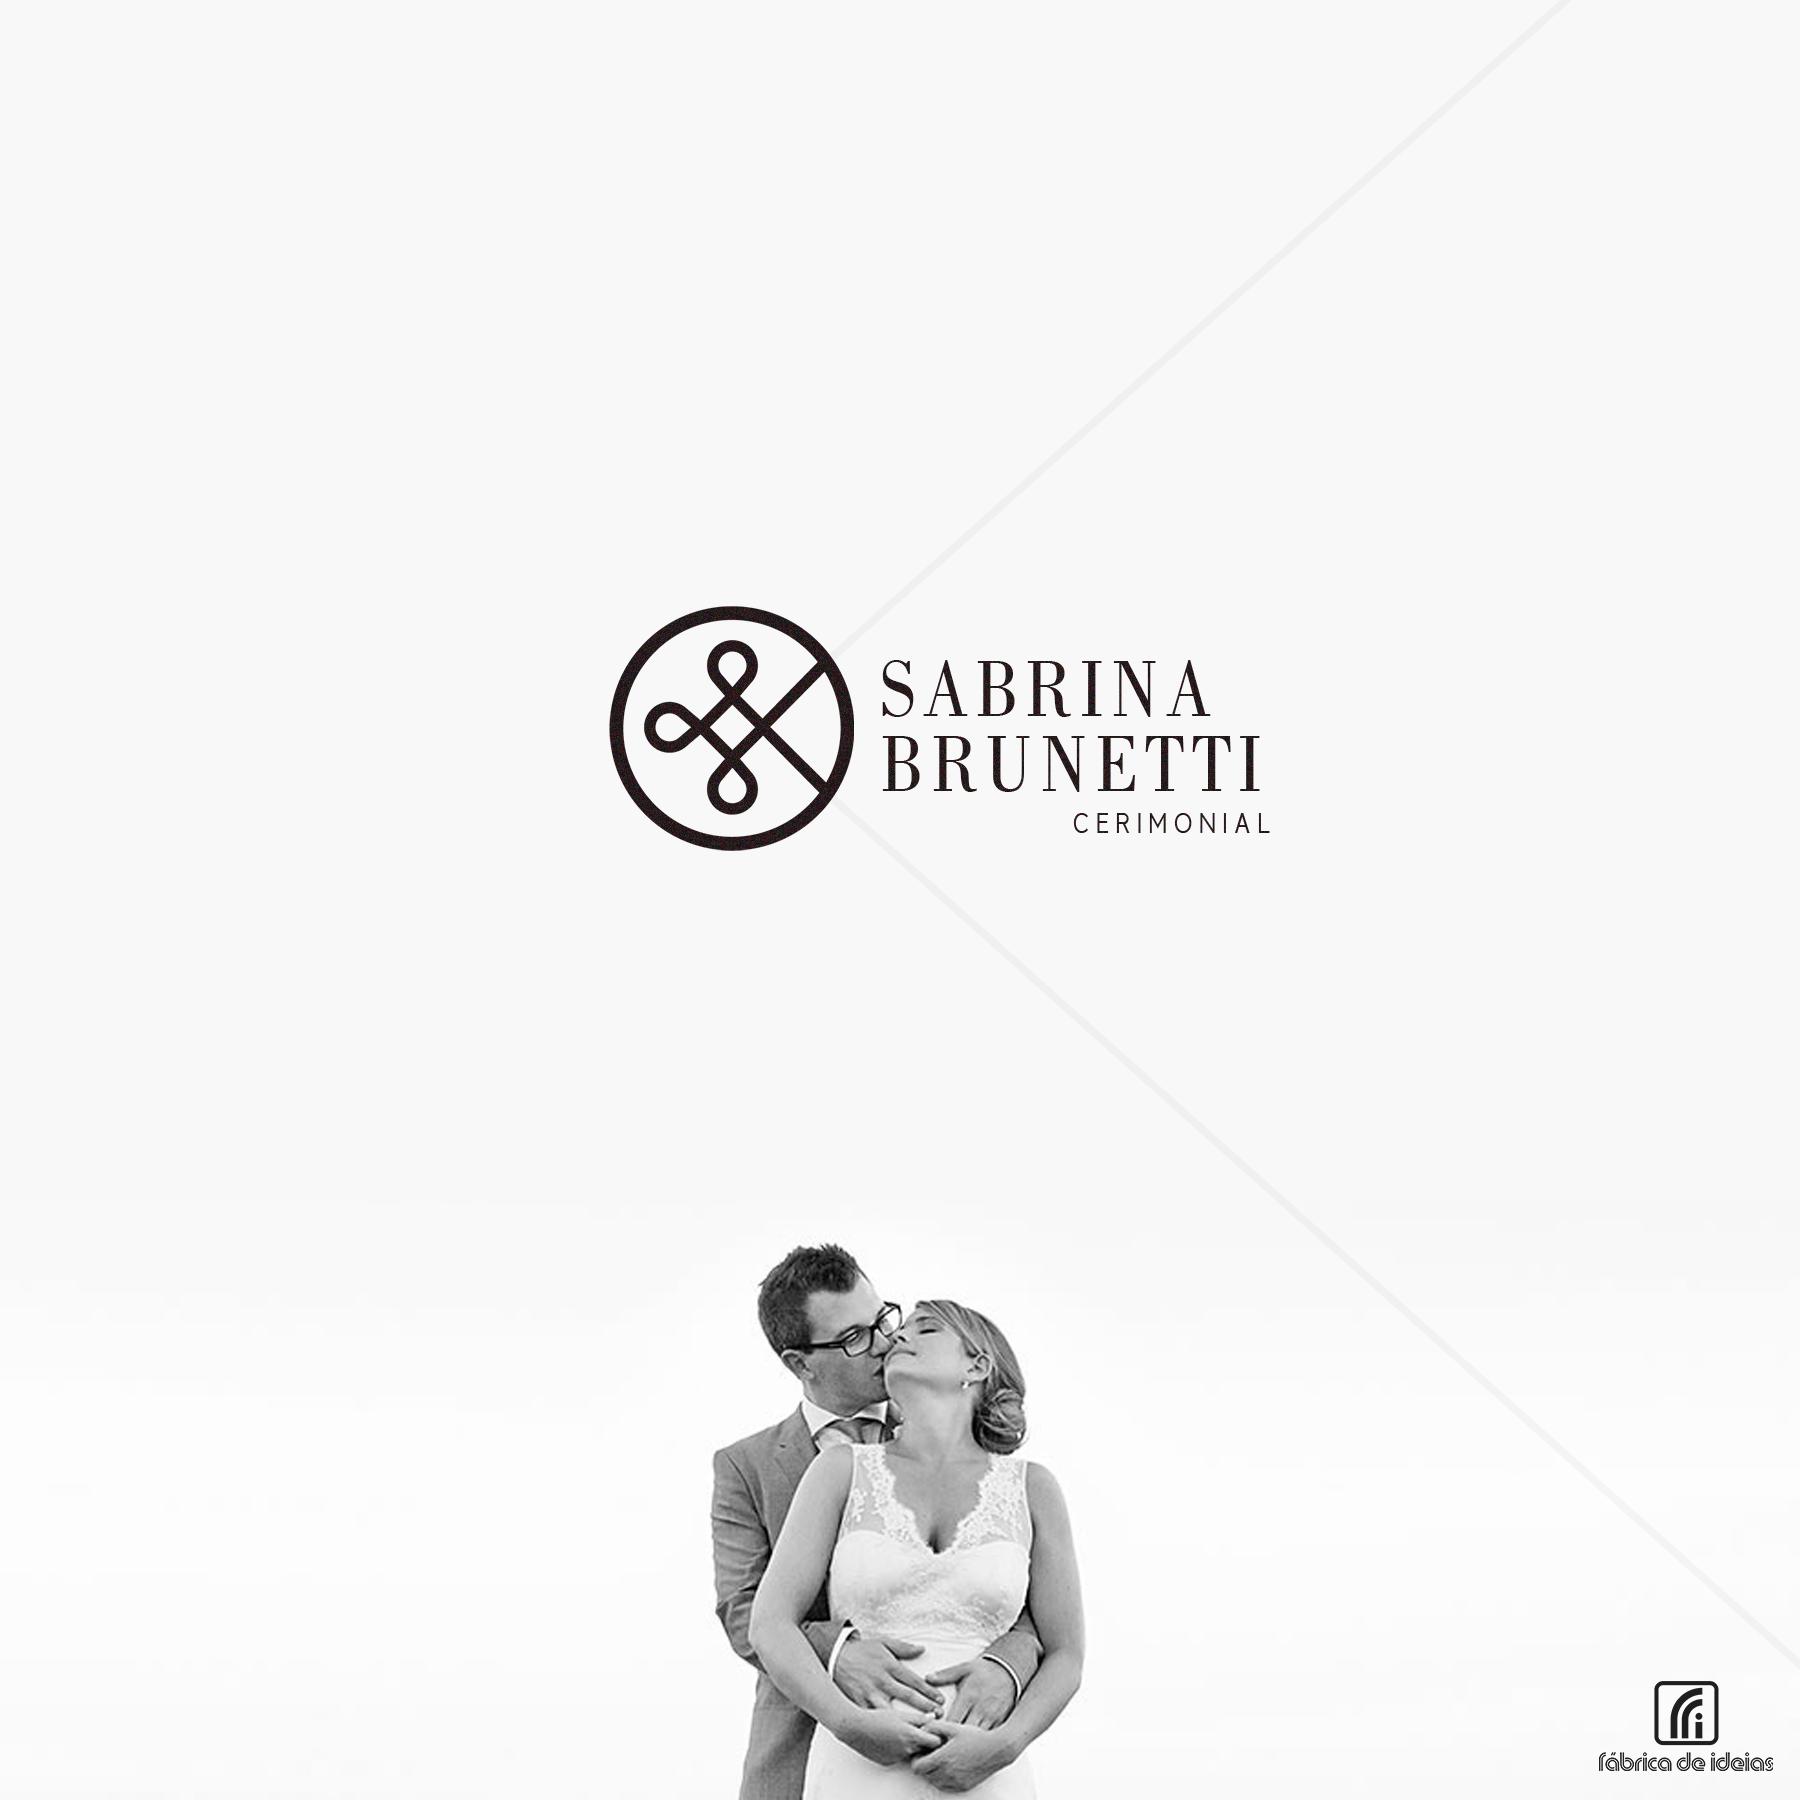 9b771231199469.5645493a86f21 - Sabrina Brunetti